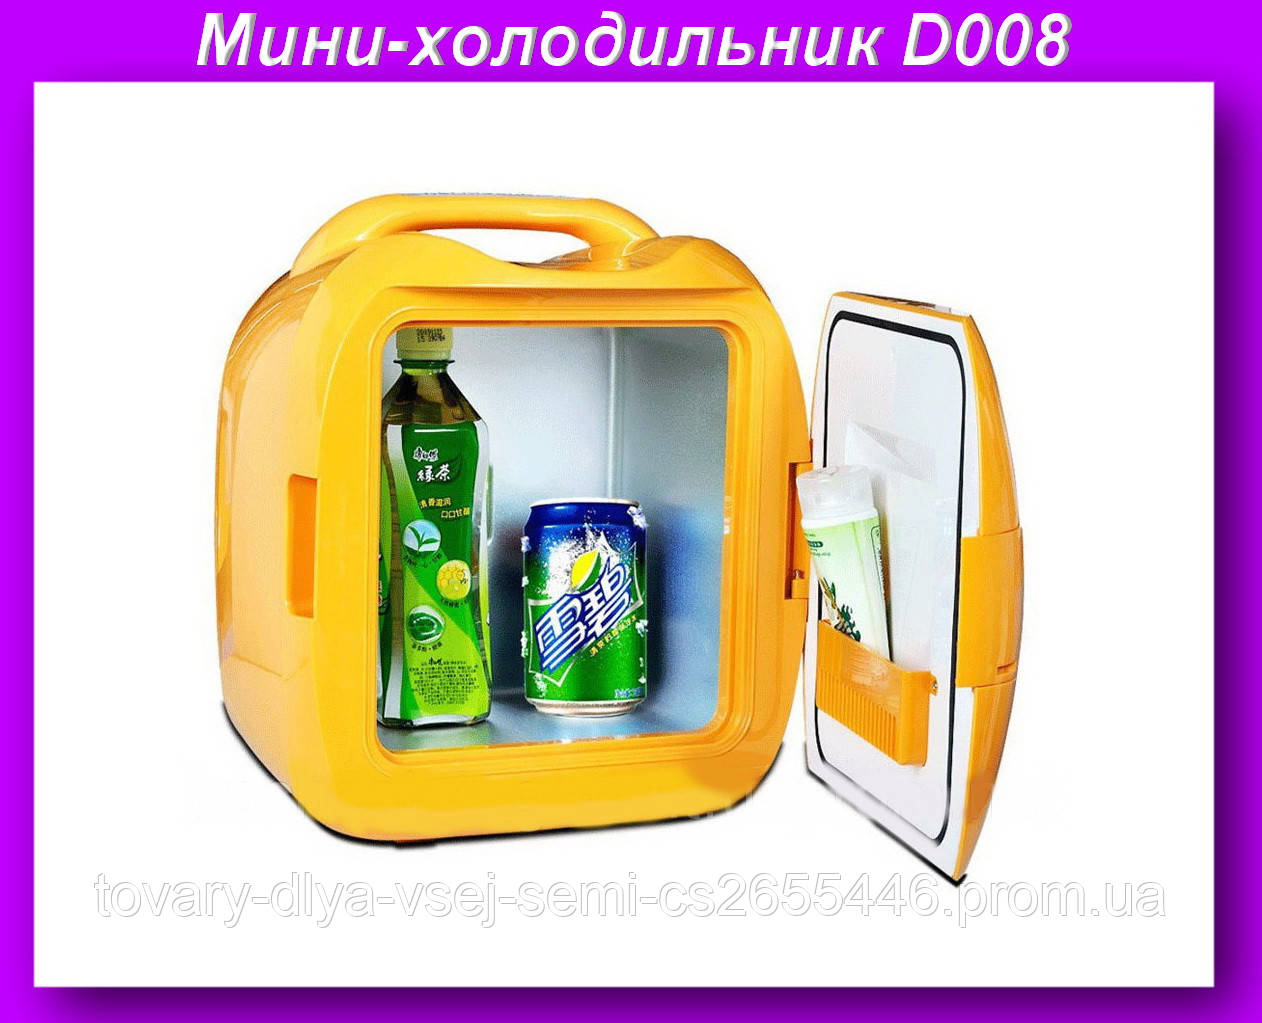 """Мини-холодильник Cong Bao D008,Переносной миниатюрный автомобильный холодильник - Магазин """"Товары для Всей Семьи"""" в Одессе"""